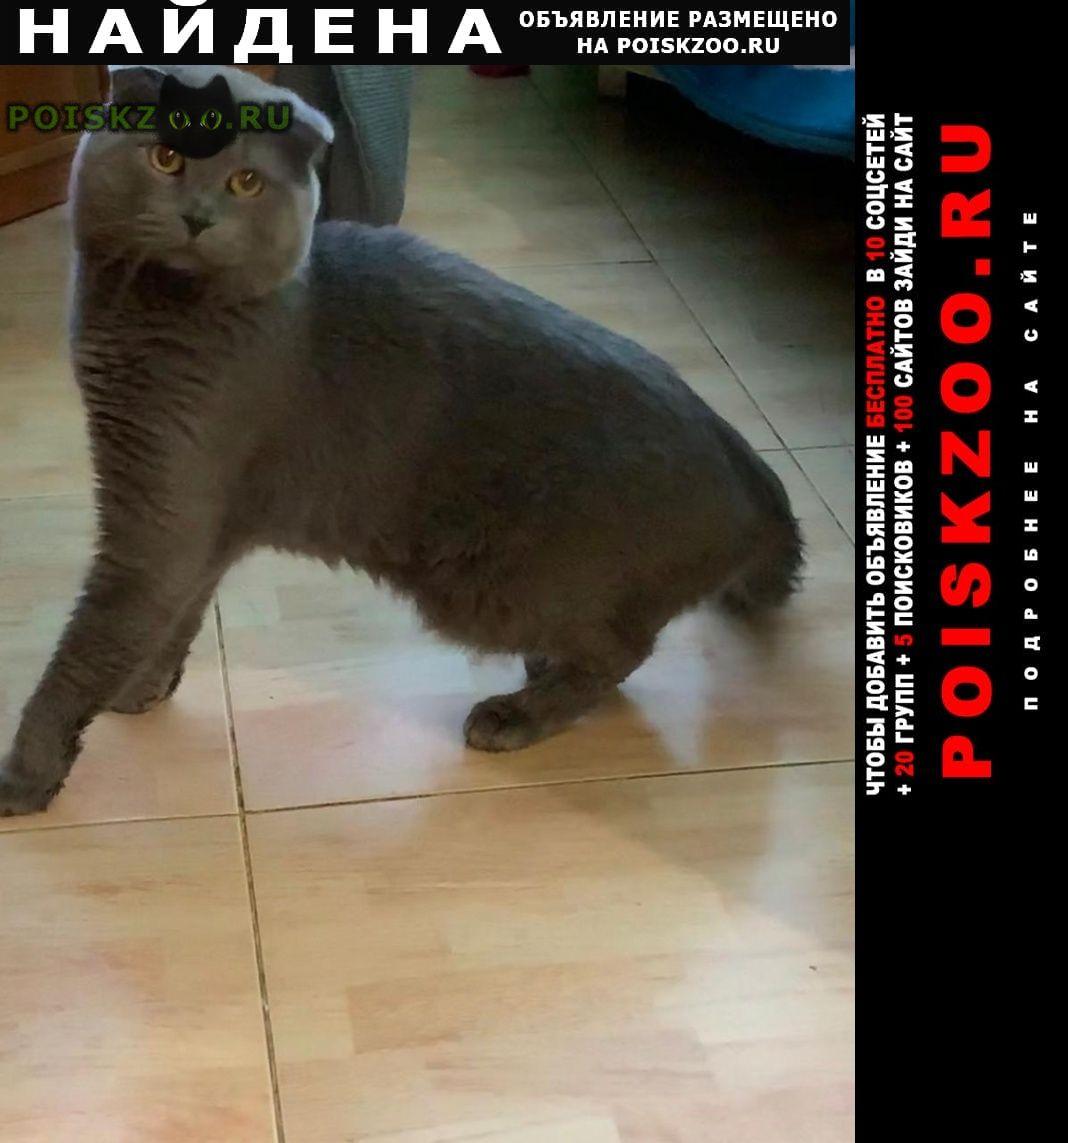 Найден кот г.Севастополь